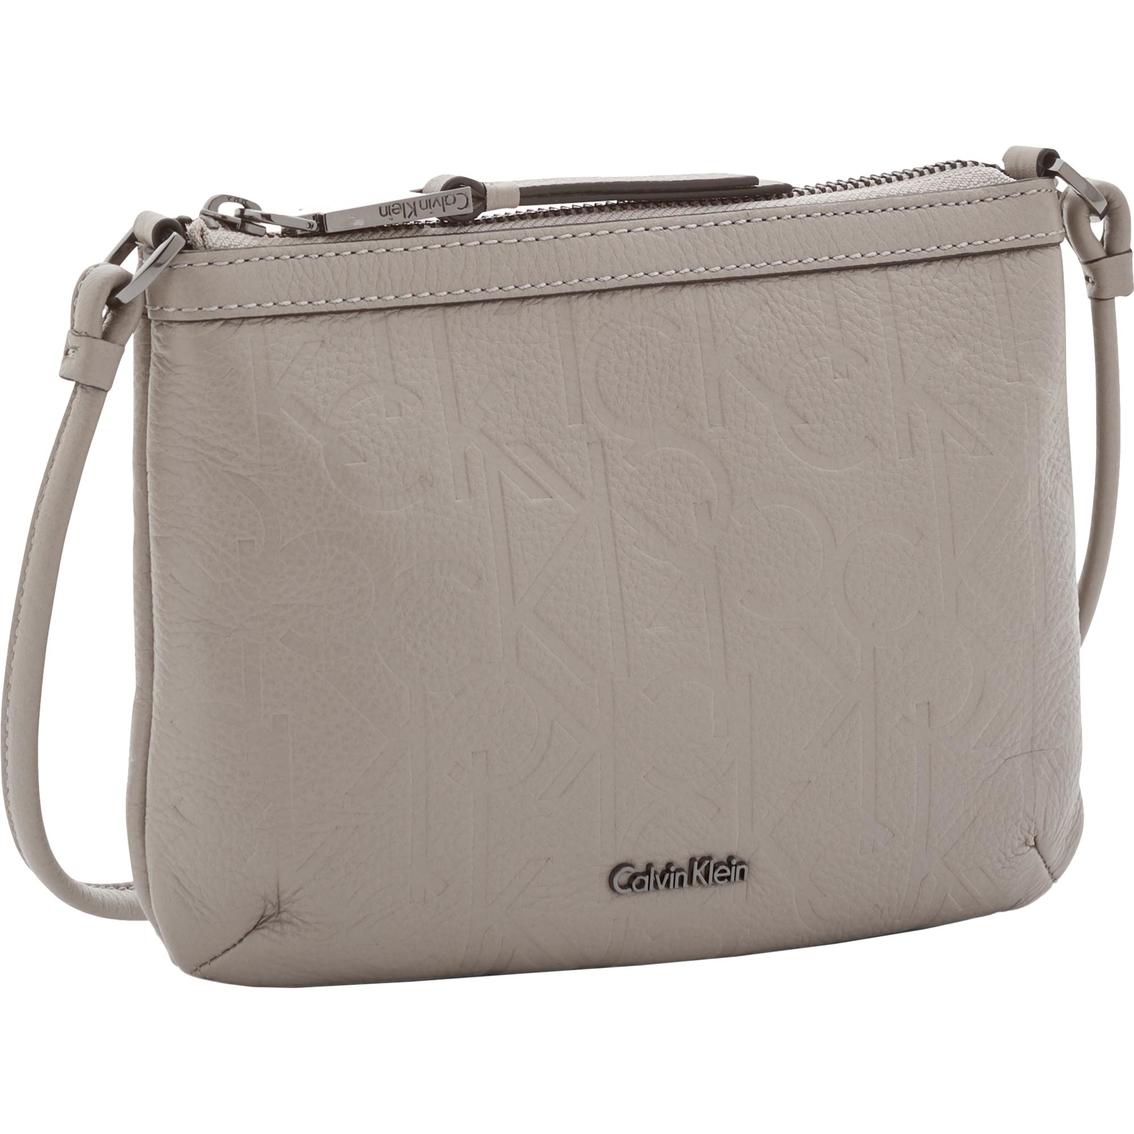 09fa39b40a2 Calvin Klein Crossbody Smoke | Crossbody Bags | Handbags ...